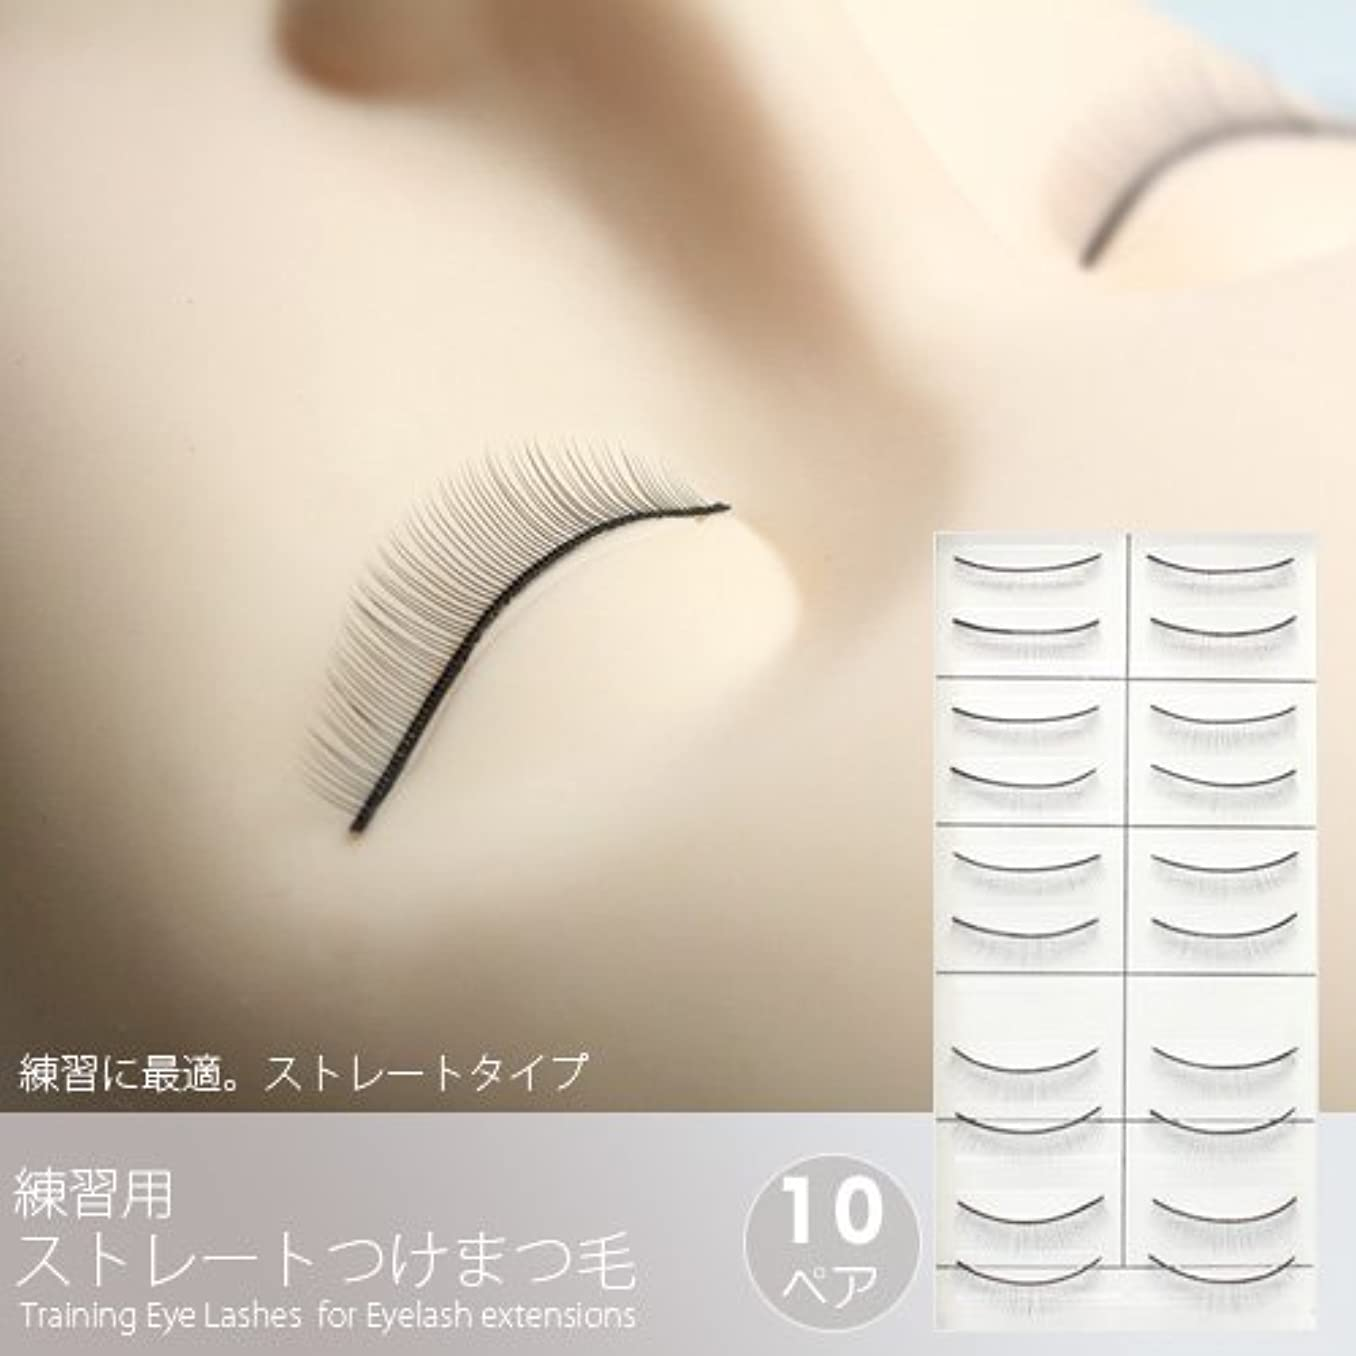 利得有限専ら練習用ストレートつけまつげ(10ペア)[Training Eye Lashes ]/まつ毛エクステ商材